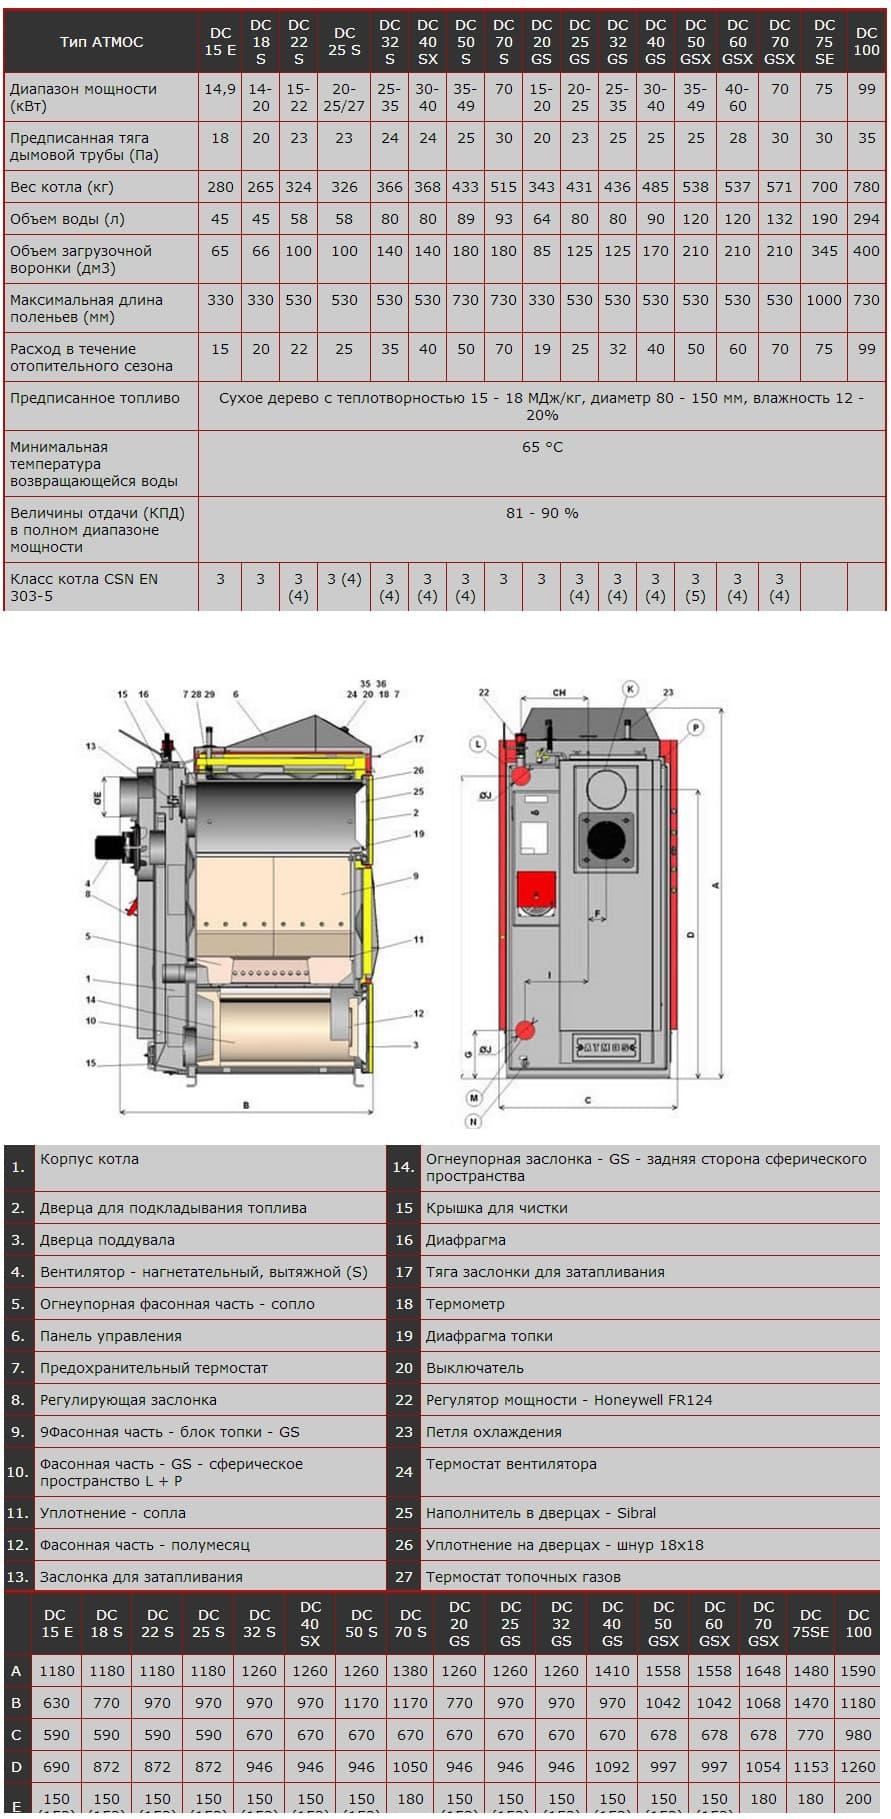 картинка - технические характеристики: Котел твердотопливный Atmos DC 50 S